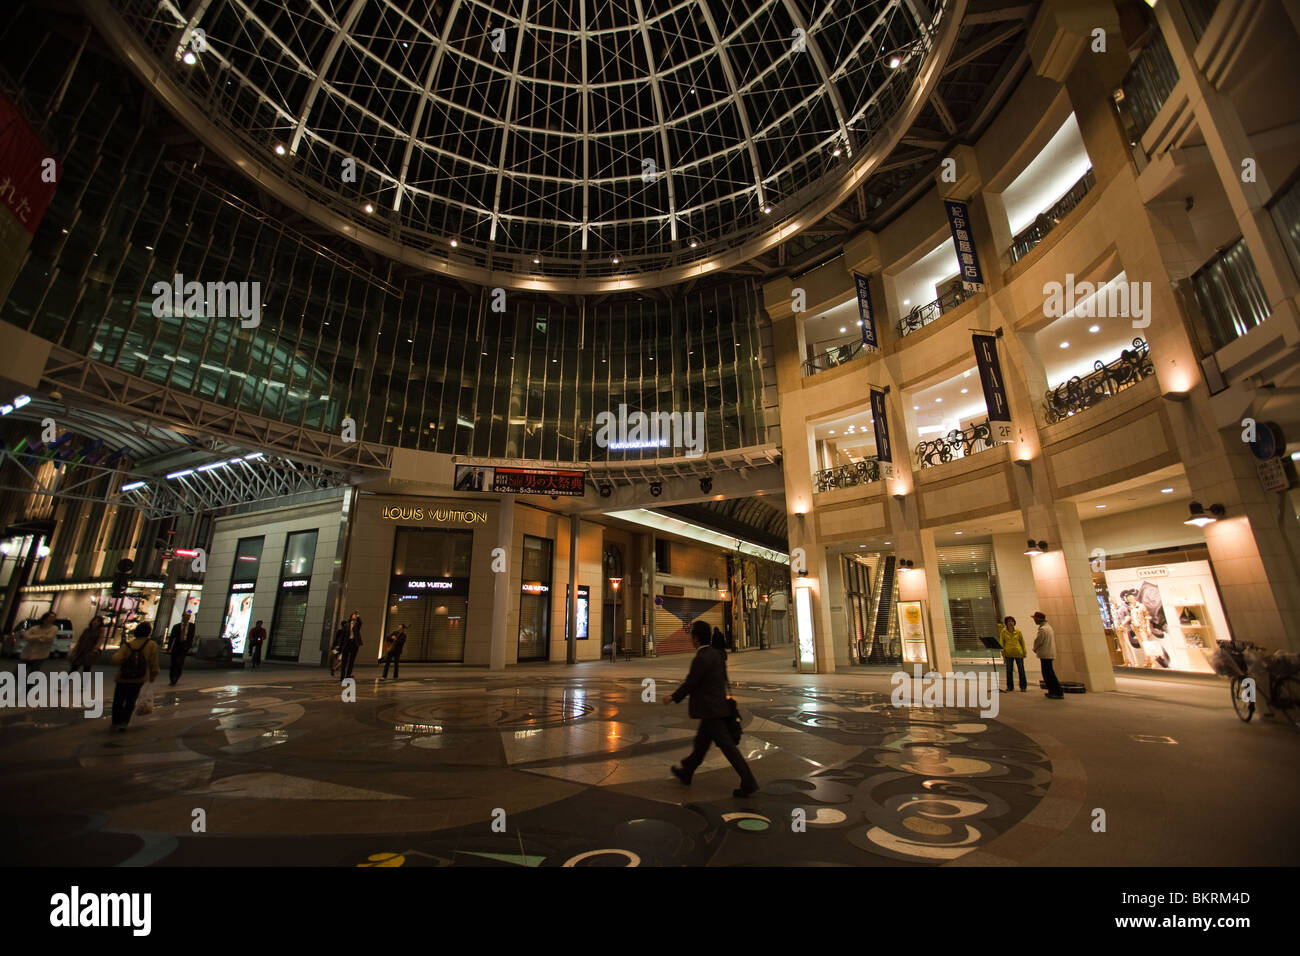 Takamatsu Central Shopping Mall, Takamatsu Arcade - Stock Image